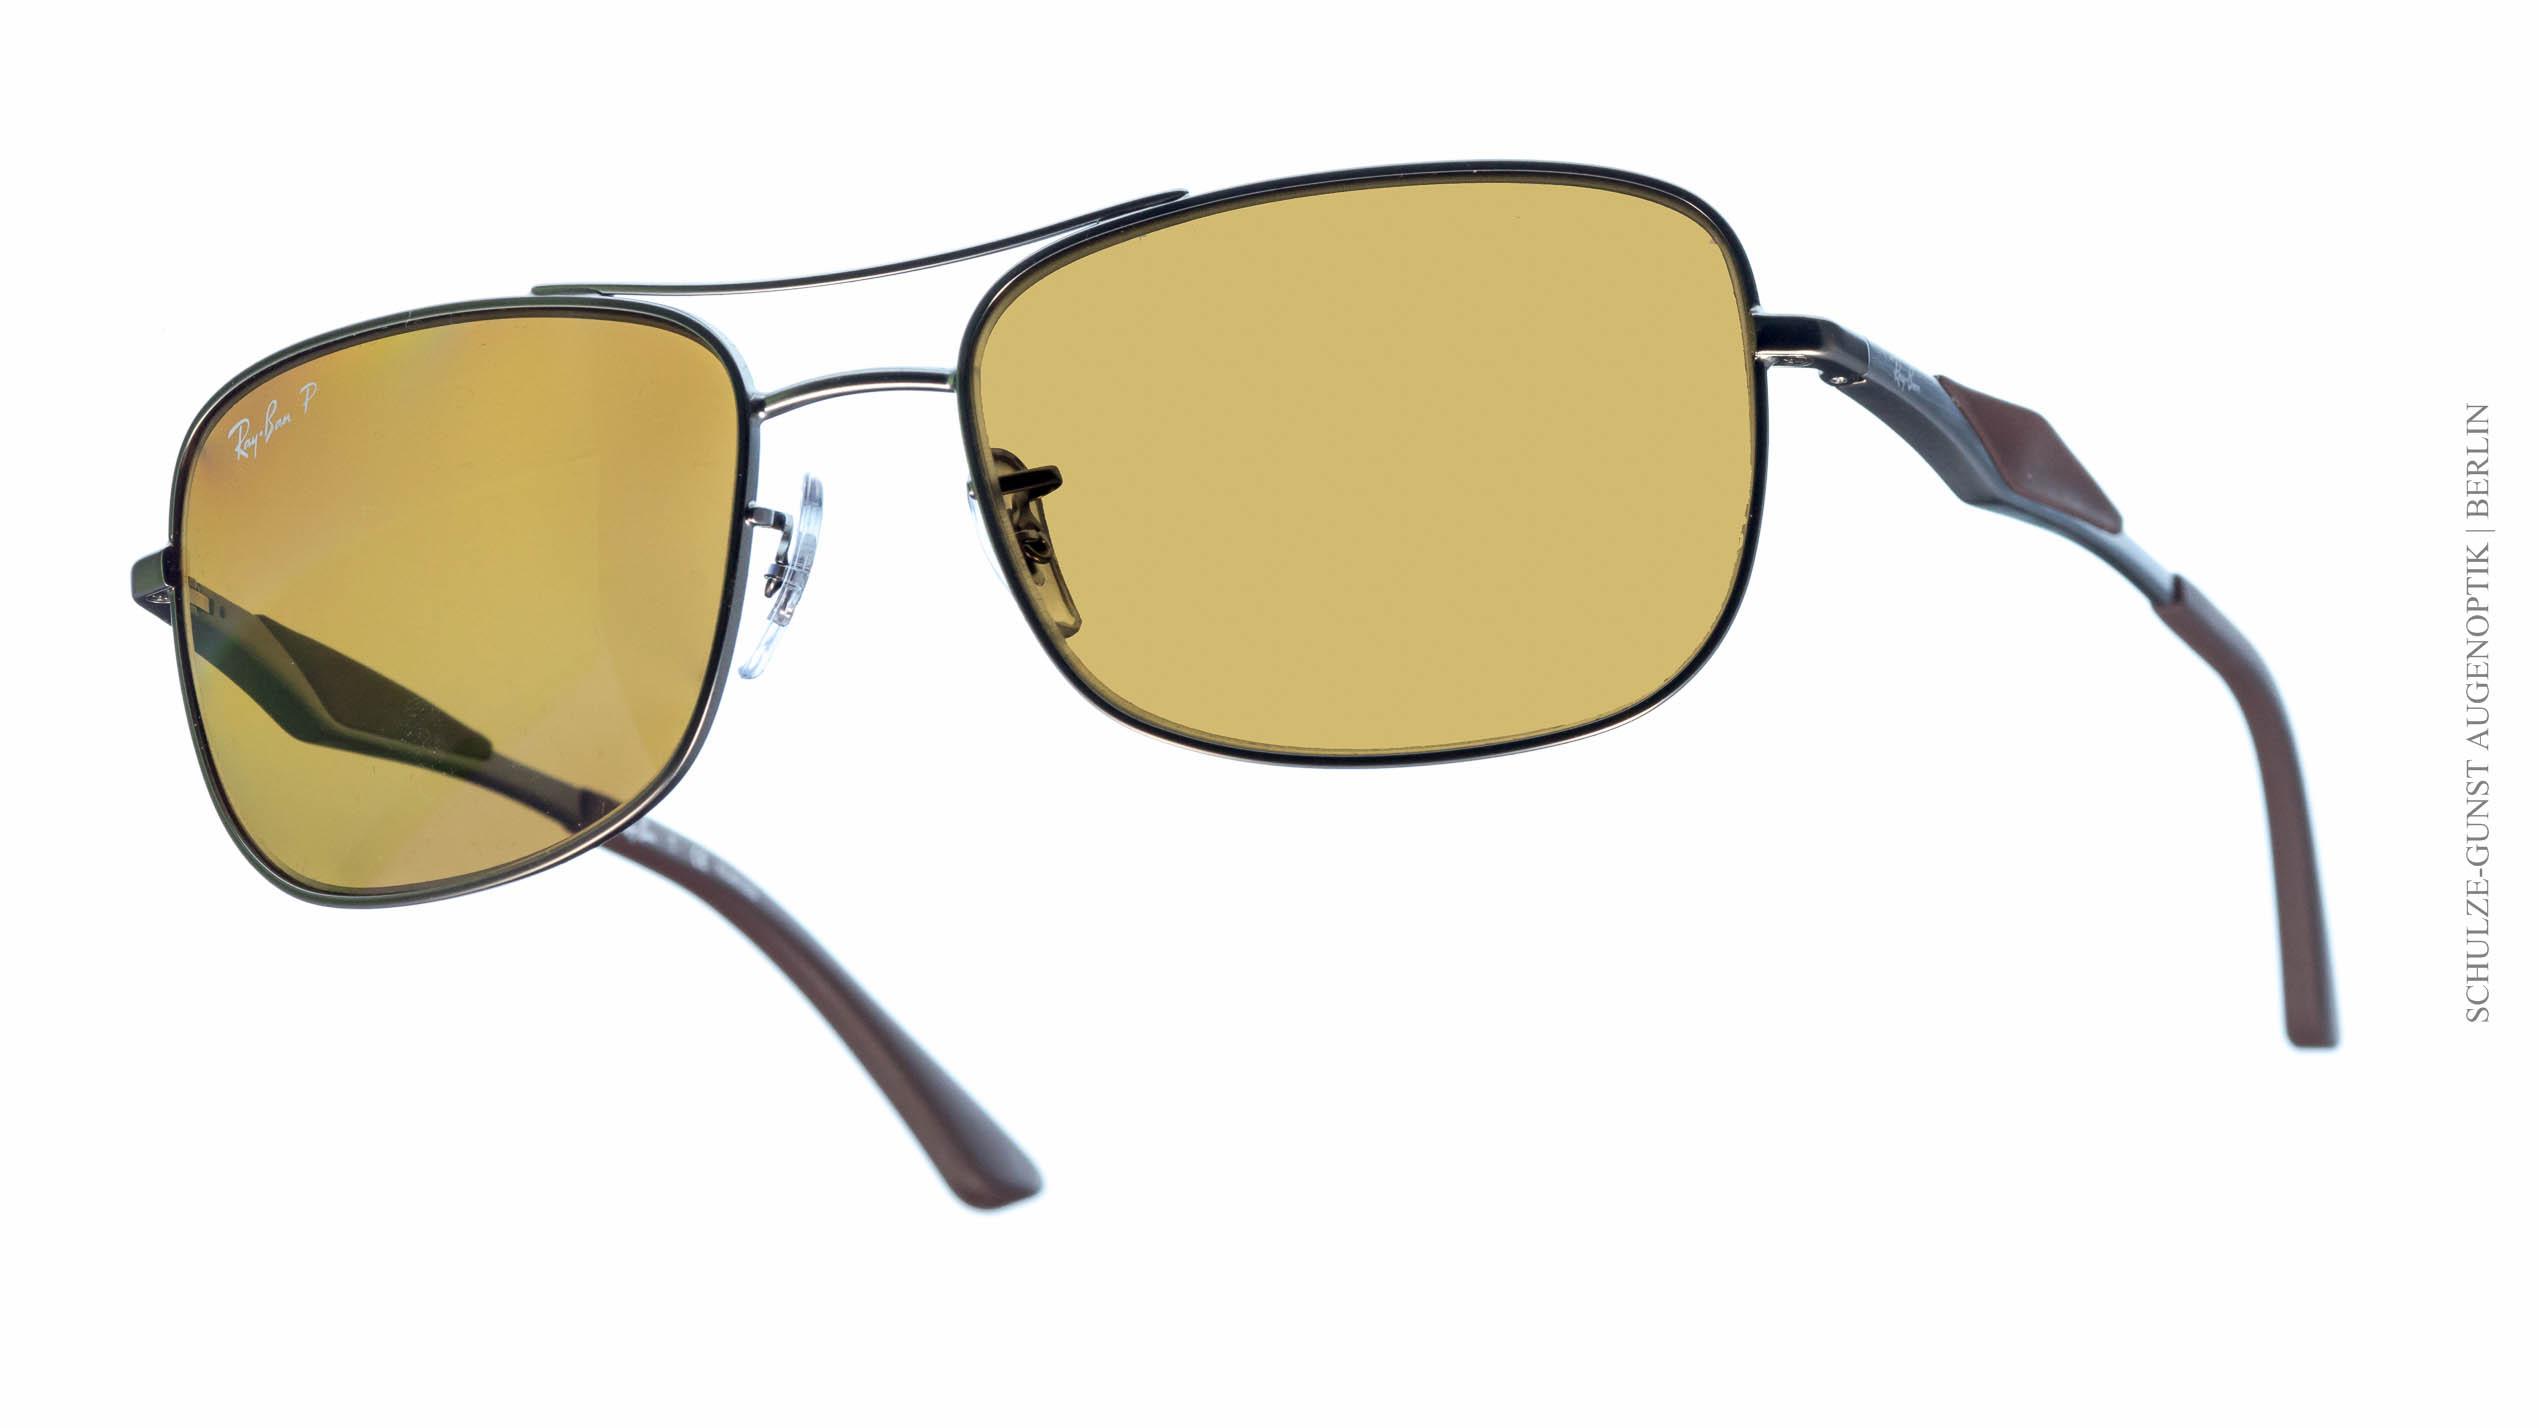 herrenbrille schwarz archive seite 3 von 3 schulze gunst augenoptik seit 1894. Black Bedroom Furniture Sets. Home Design Ideas